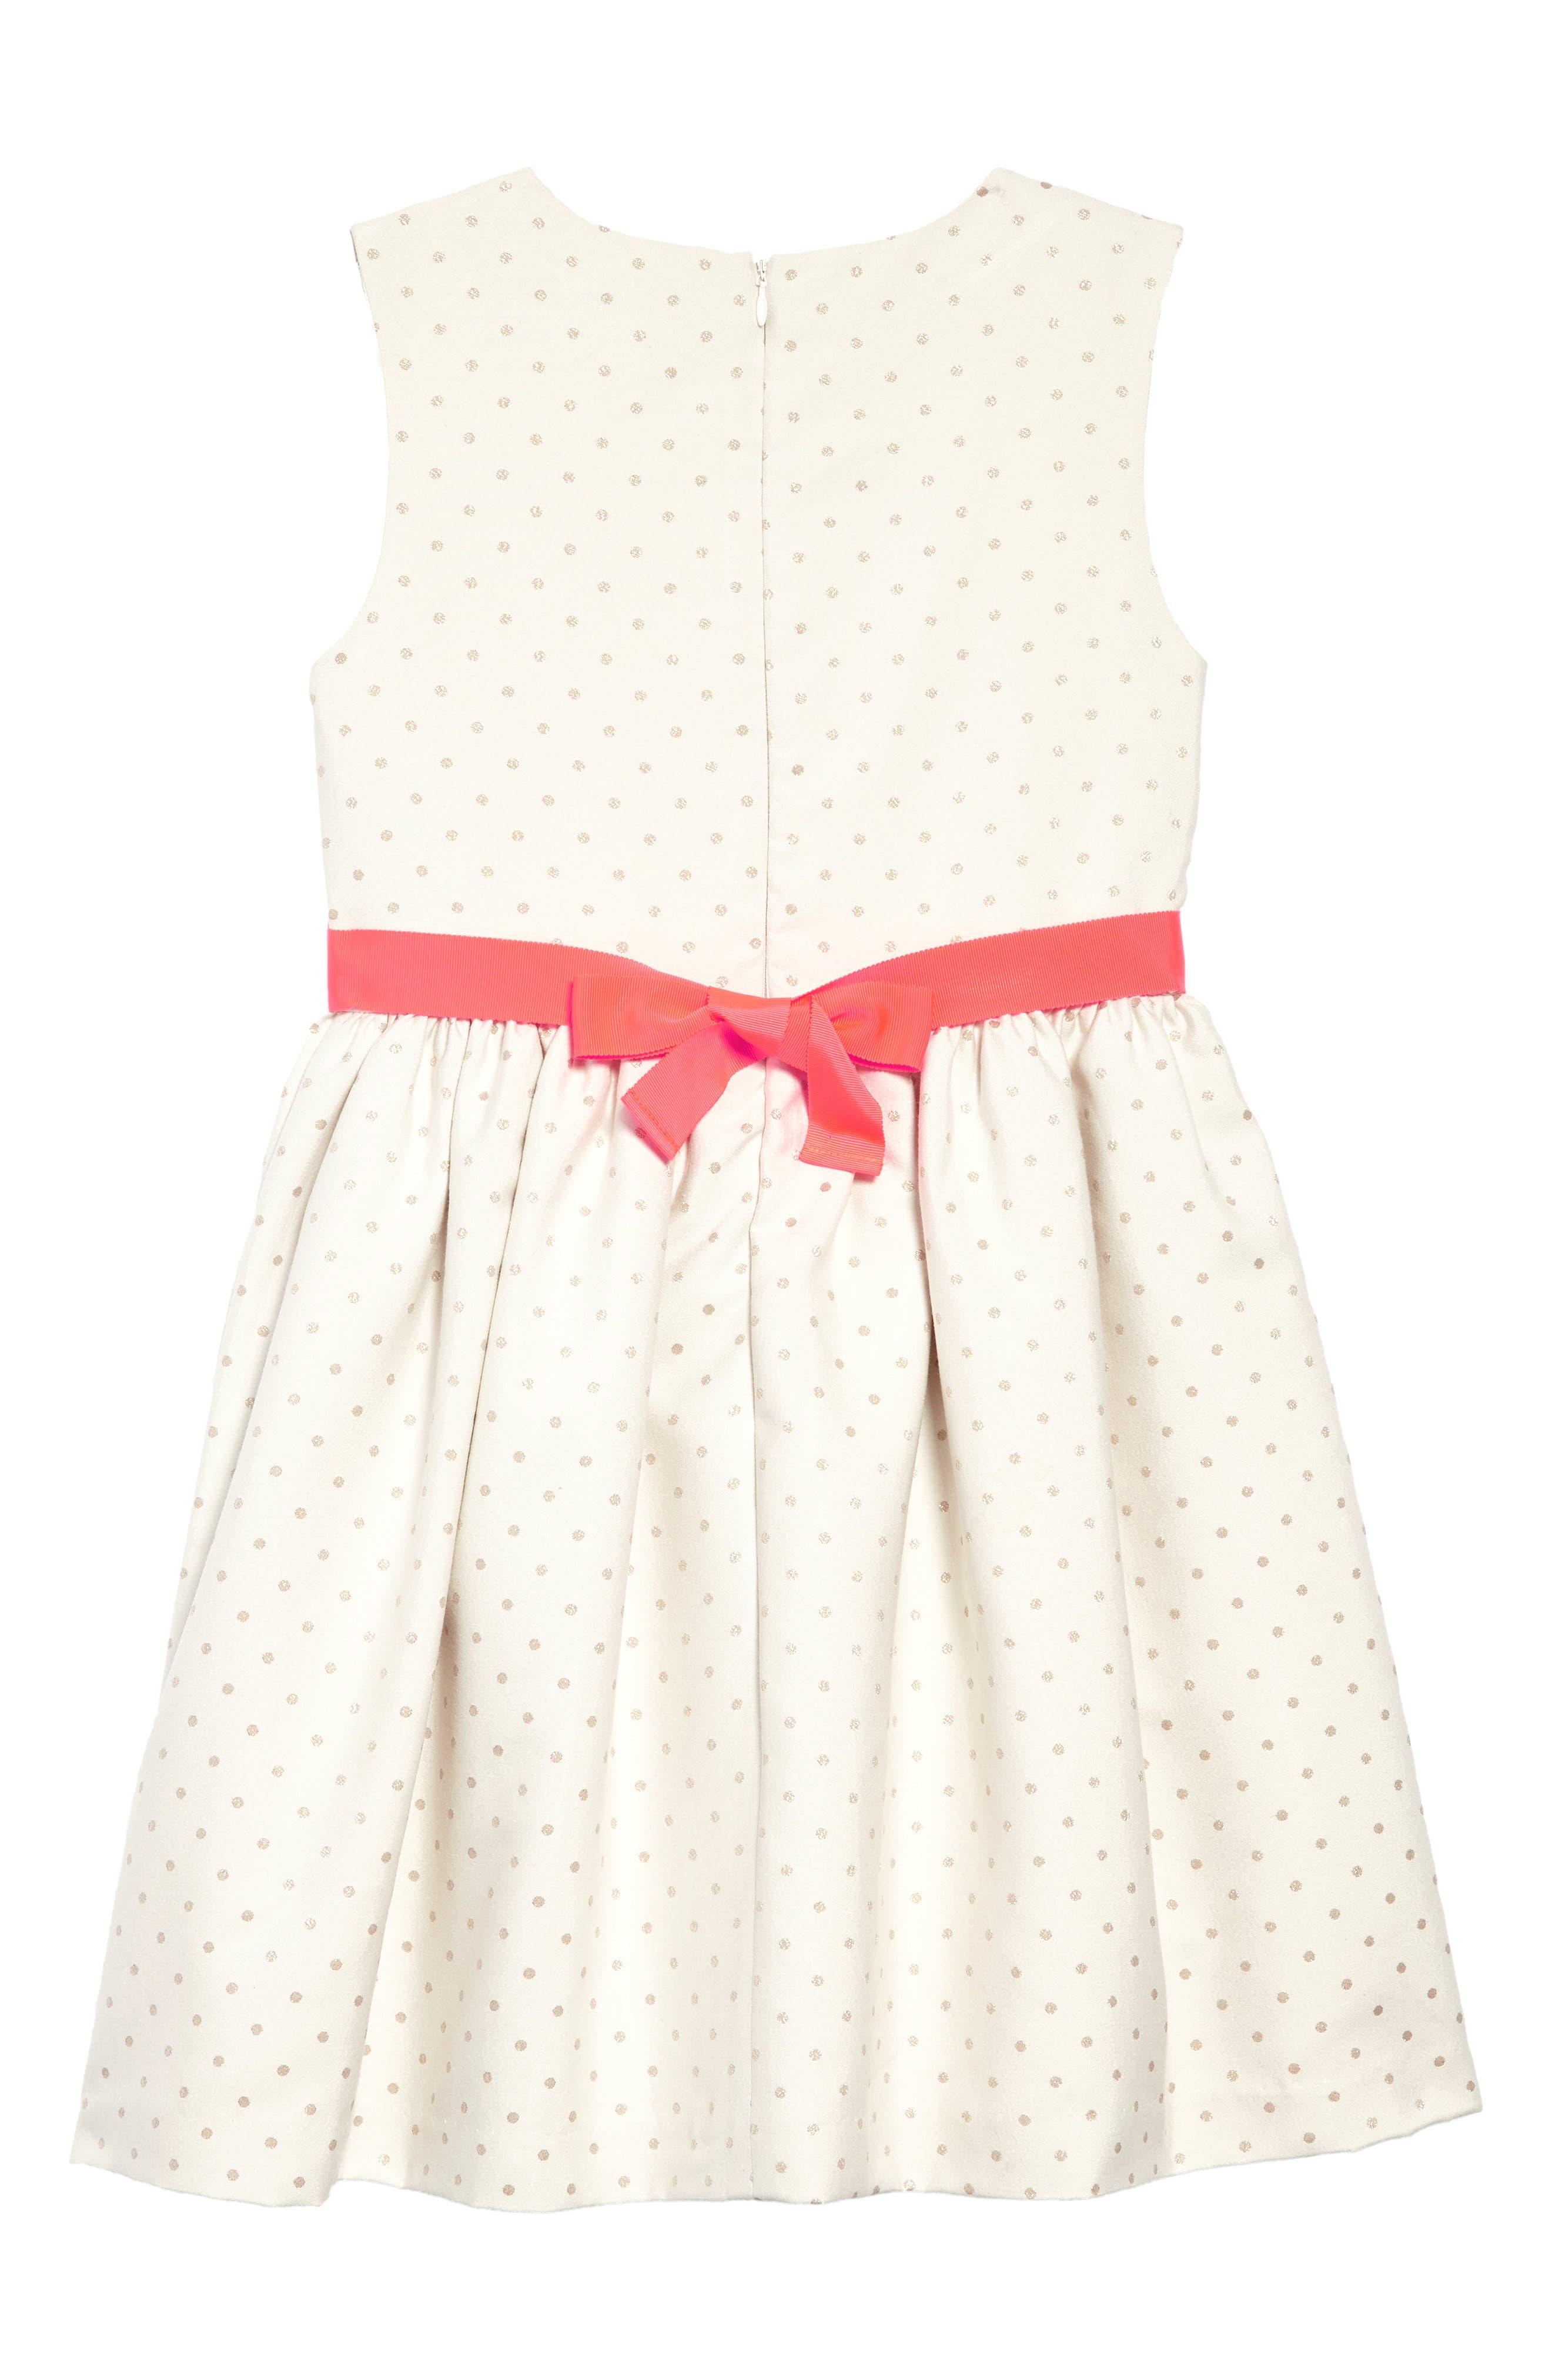 MINI BODEN,                             Metallic Dot Fit & Flare Dress,                             Alternate thumbnail 2, color,                             909